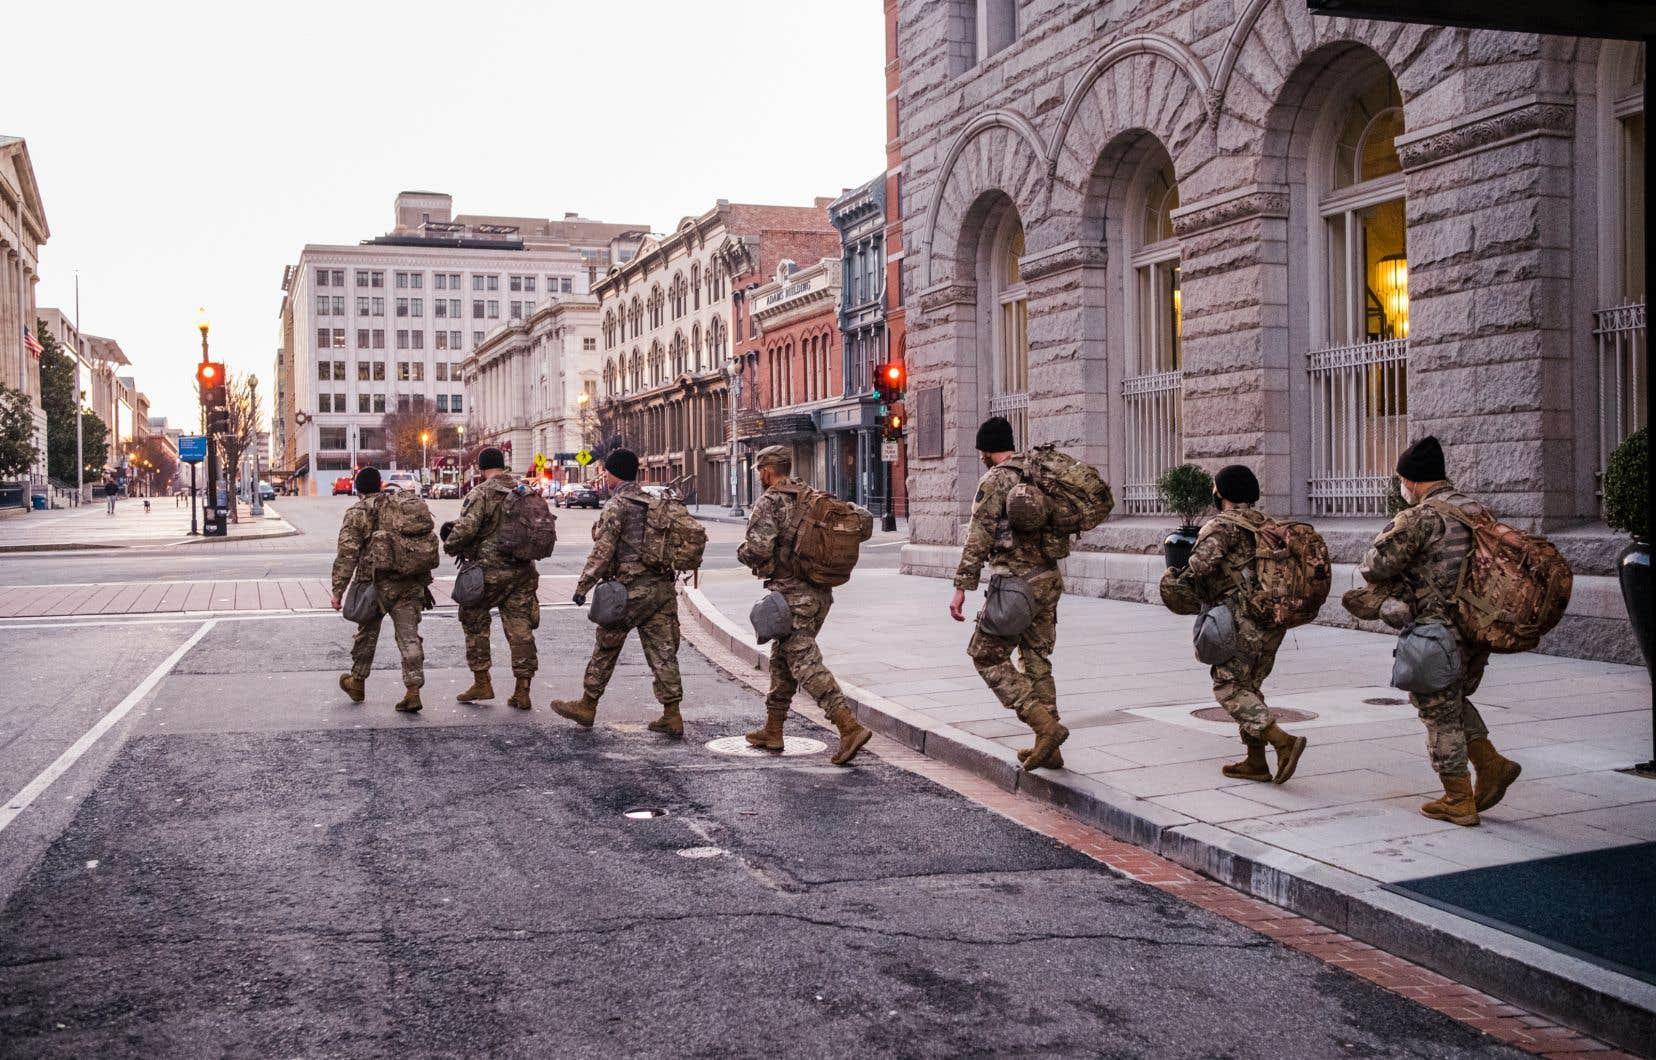 Les autorités ne prennent aucun risque après l'émeute au Capitole d'il y a deux semaines.